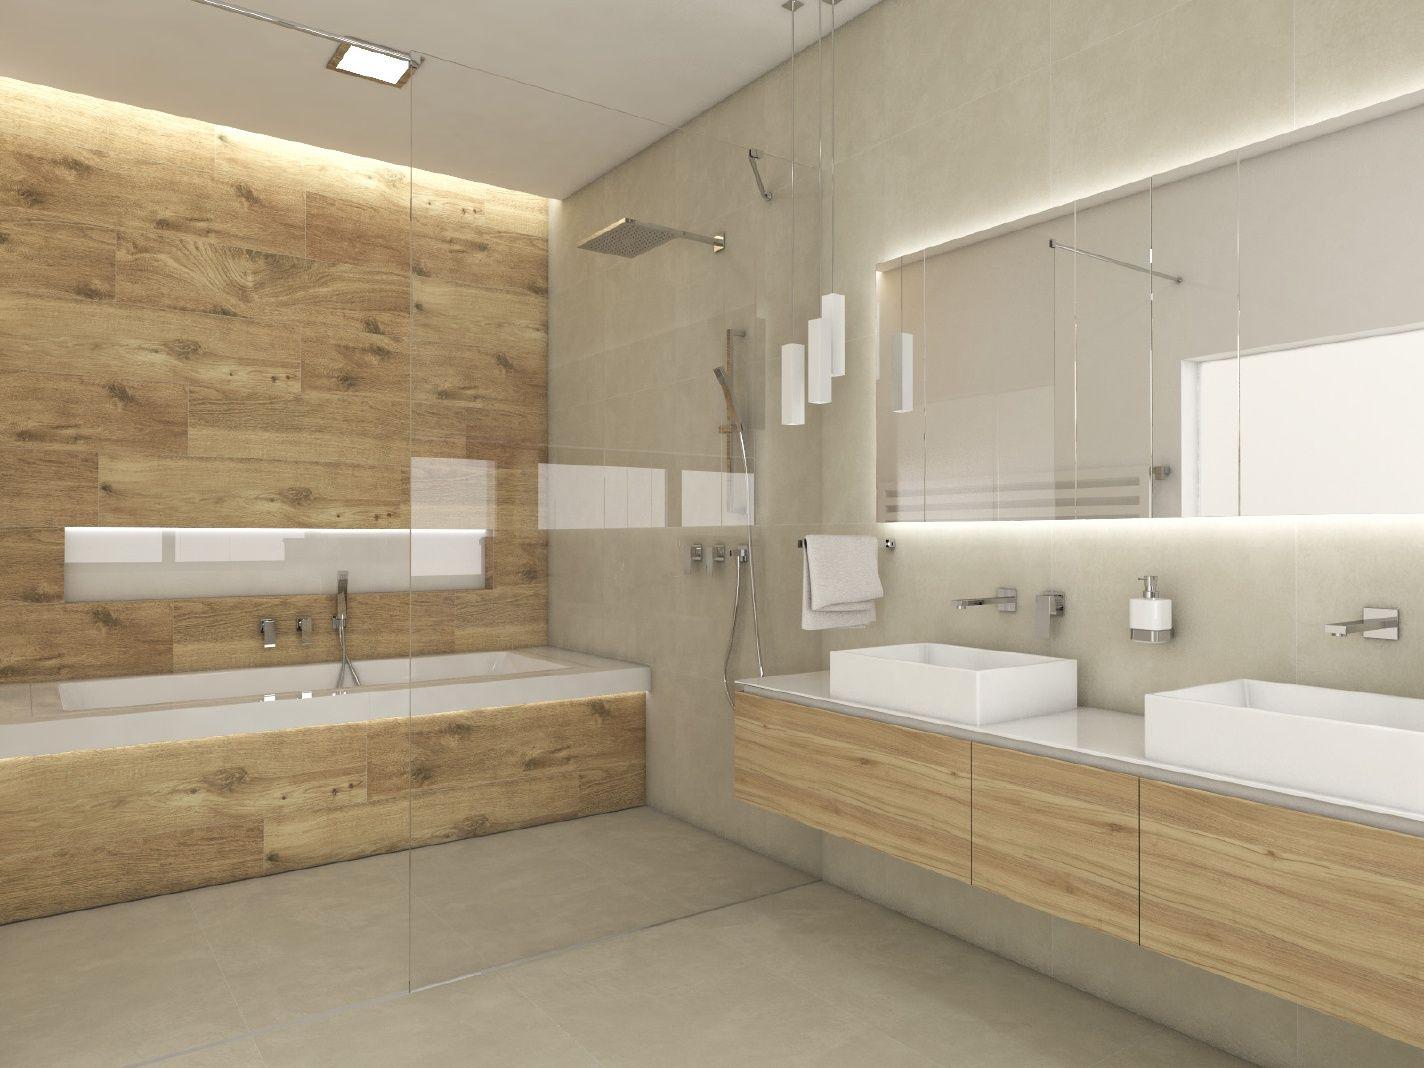 Badezimmer Moderne Einrichtung Einrichtung Designfan